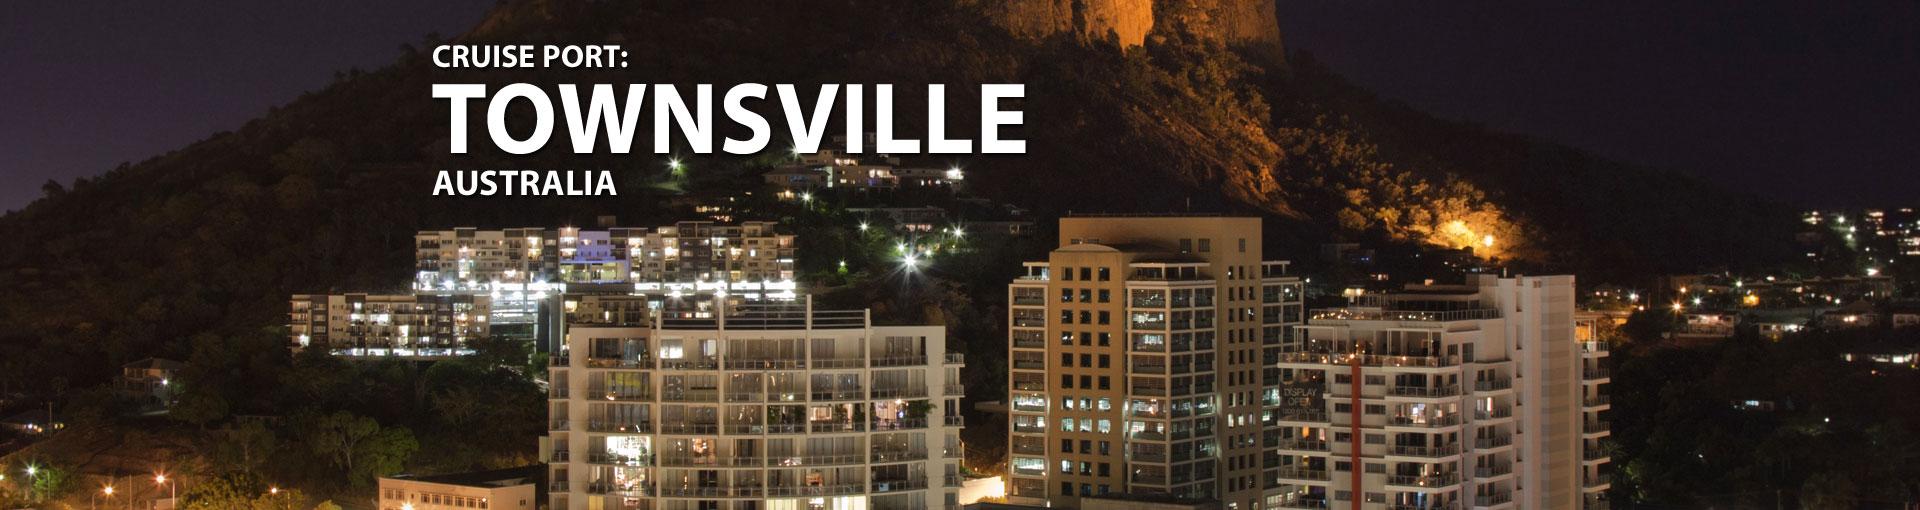 Cruises to Townsville, Australia